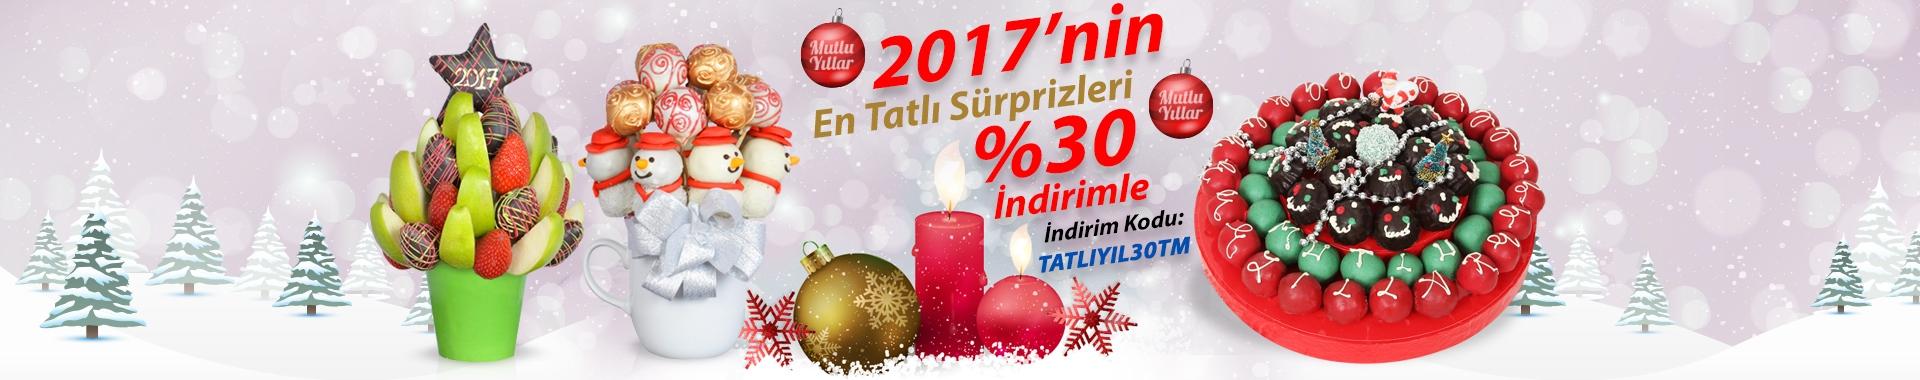 2017 yeni yıl